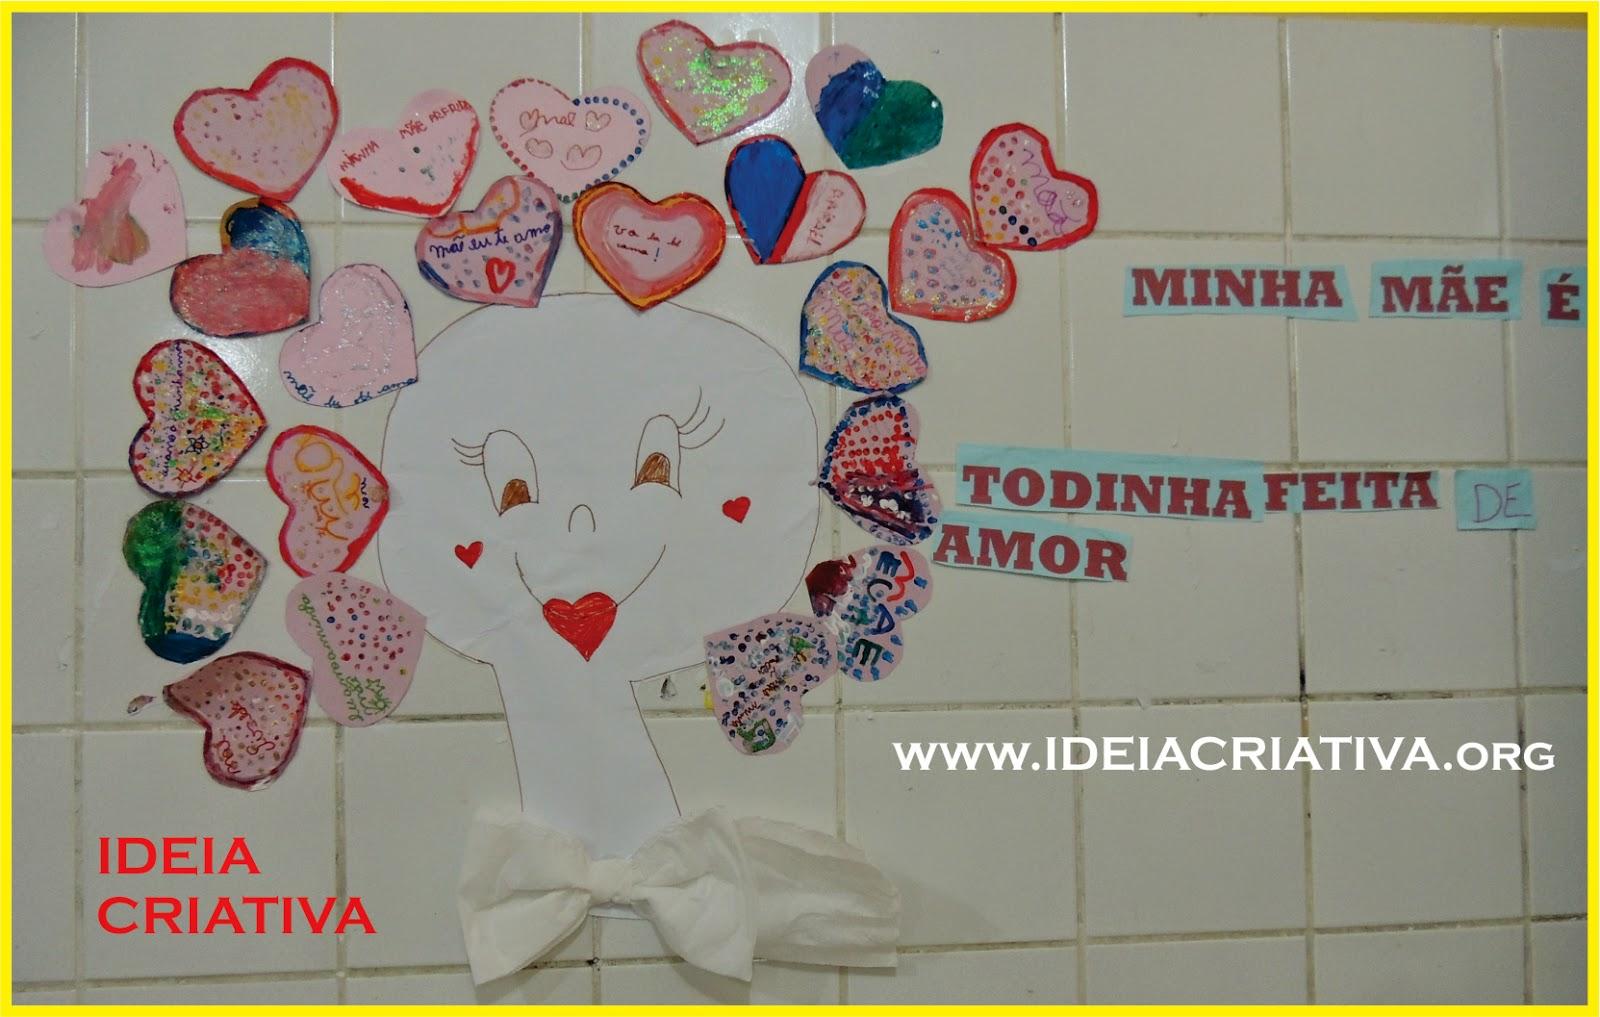 Painel Dia Das Mães Minha Mãe é Todinha Feita De Amor Ideia